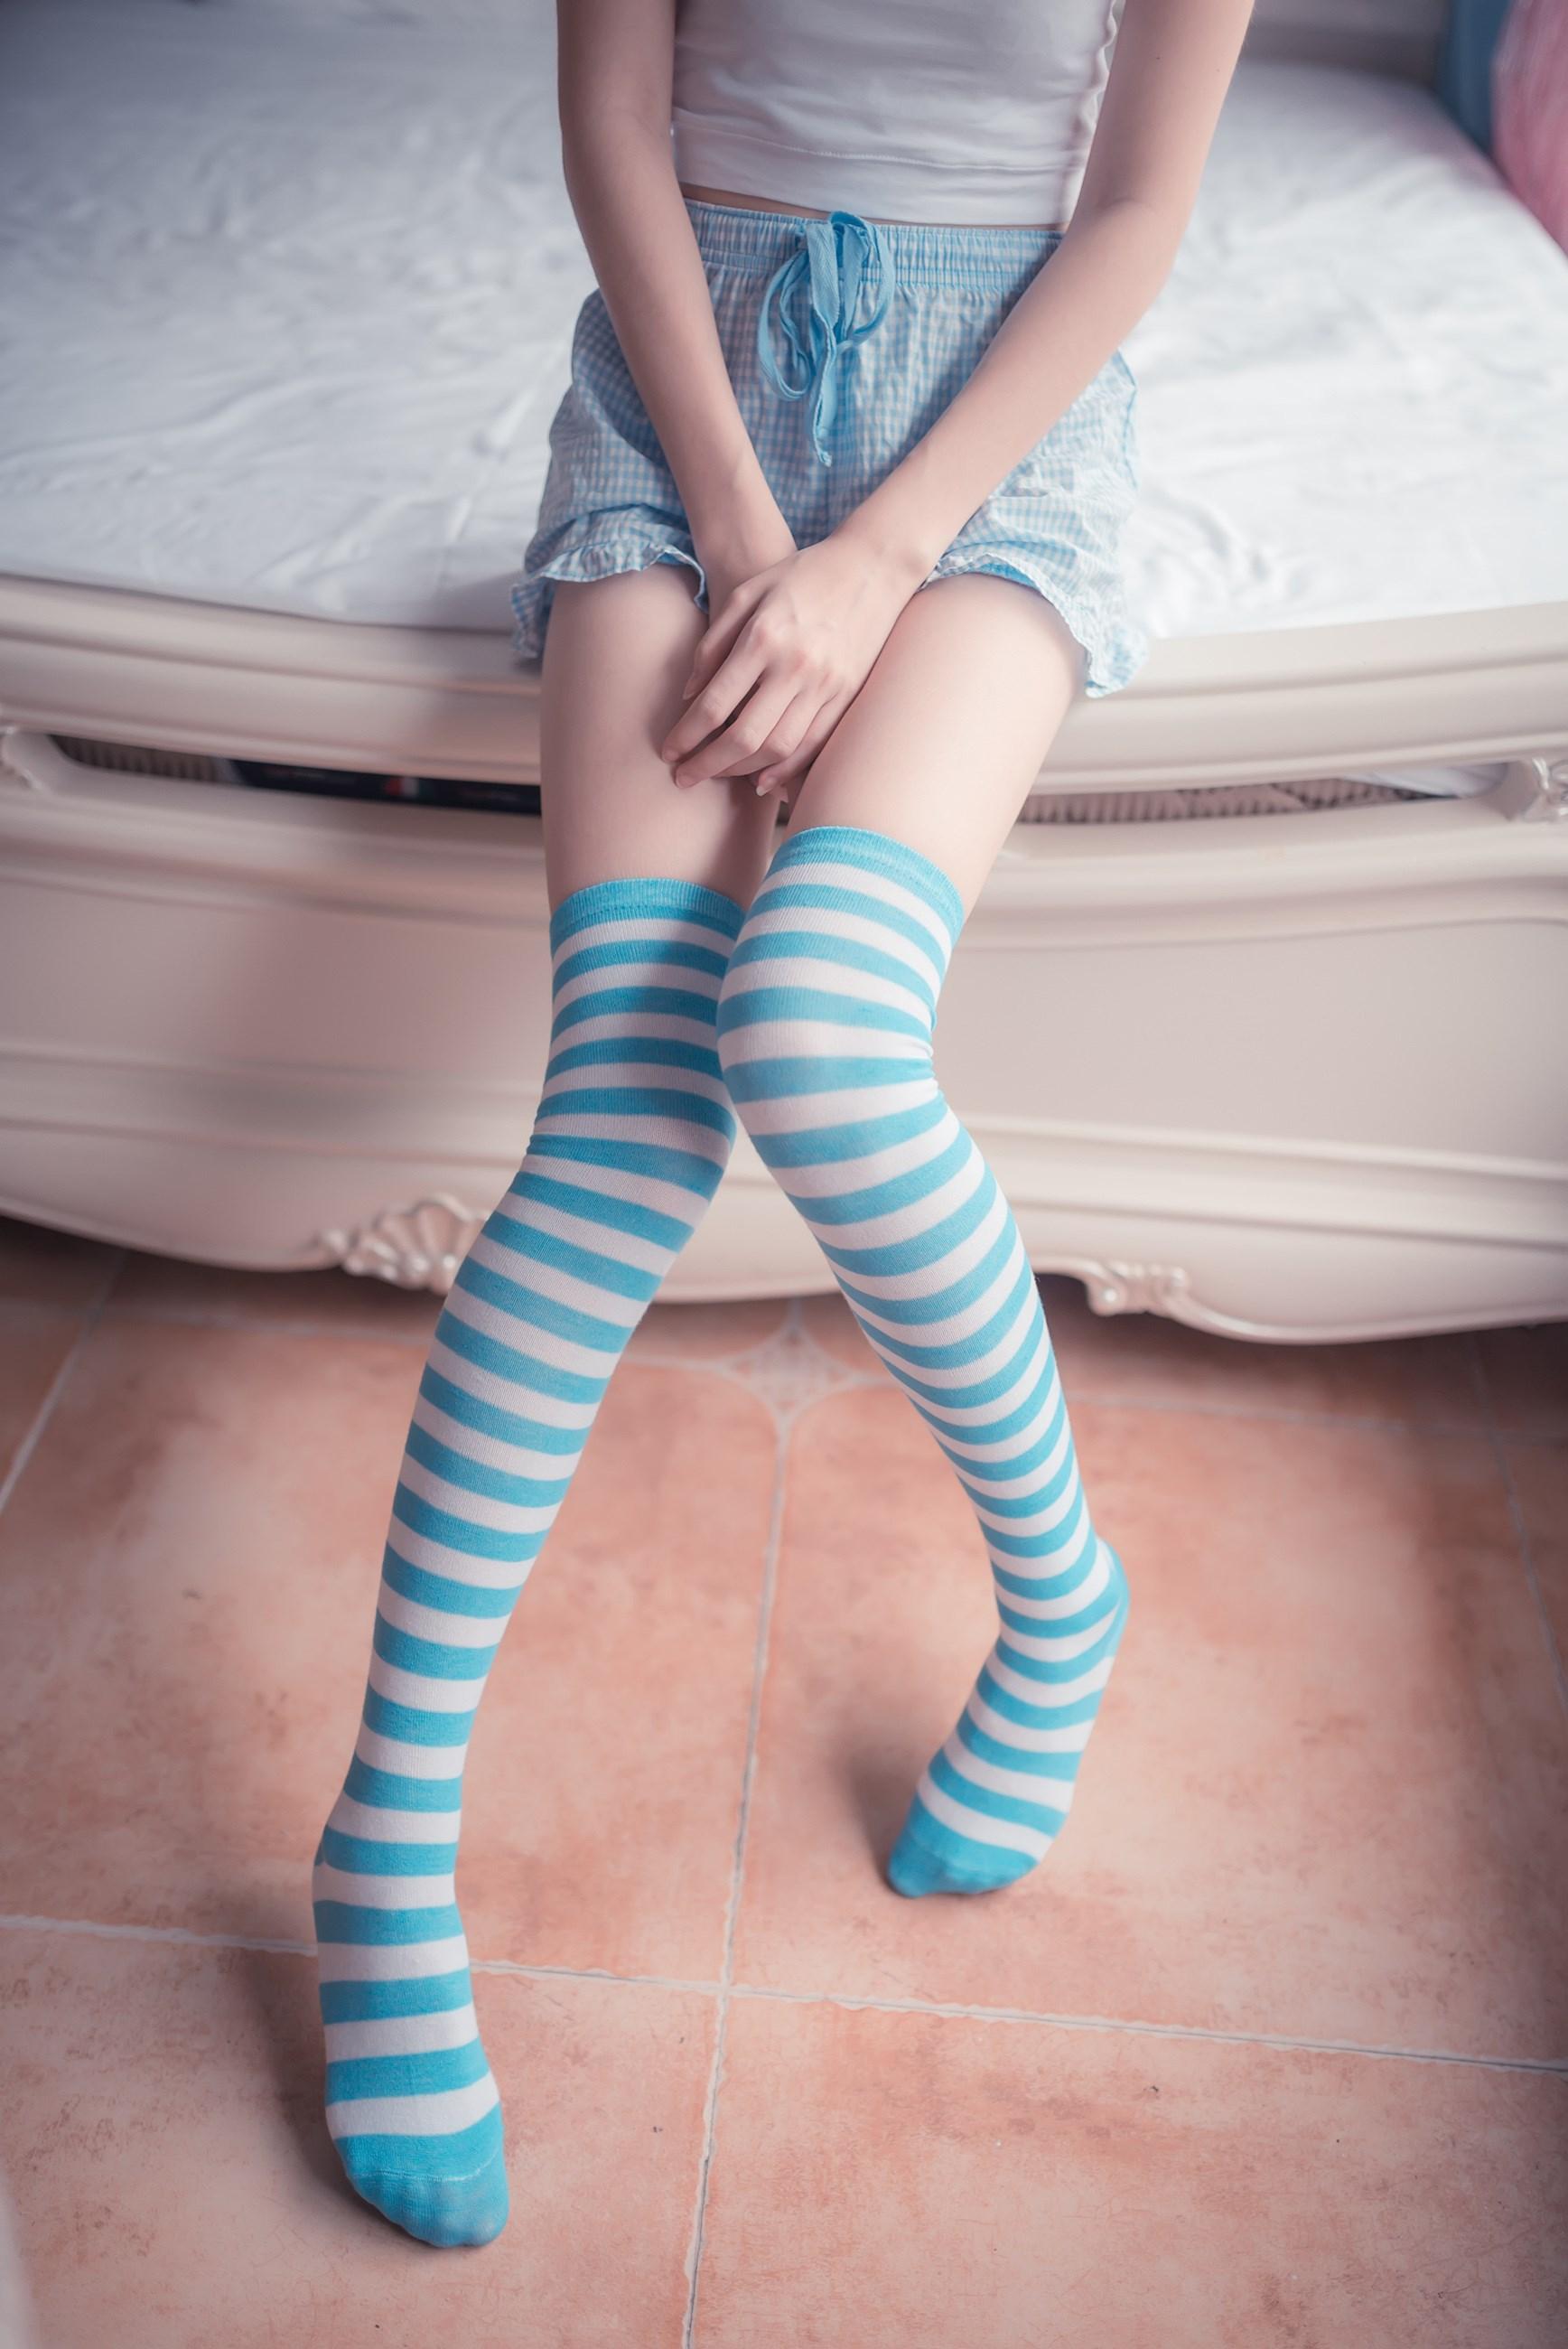 【兔玩映画】蓝白条纹 兔玩映画 第23张